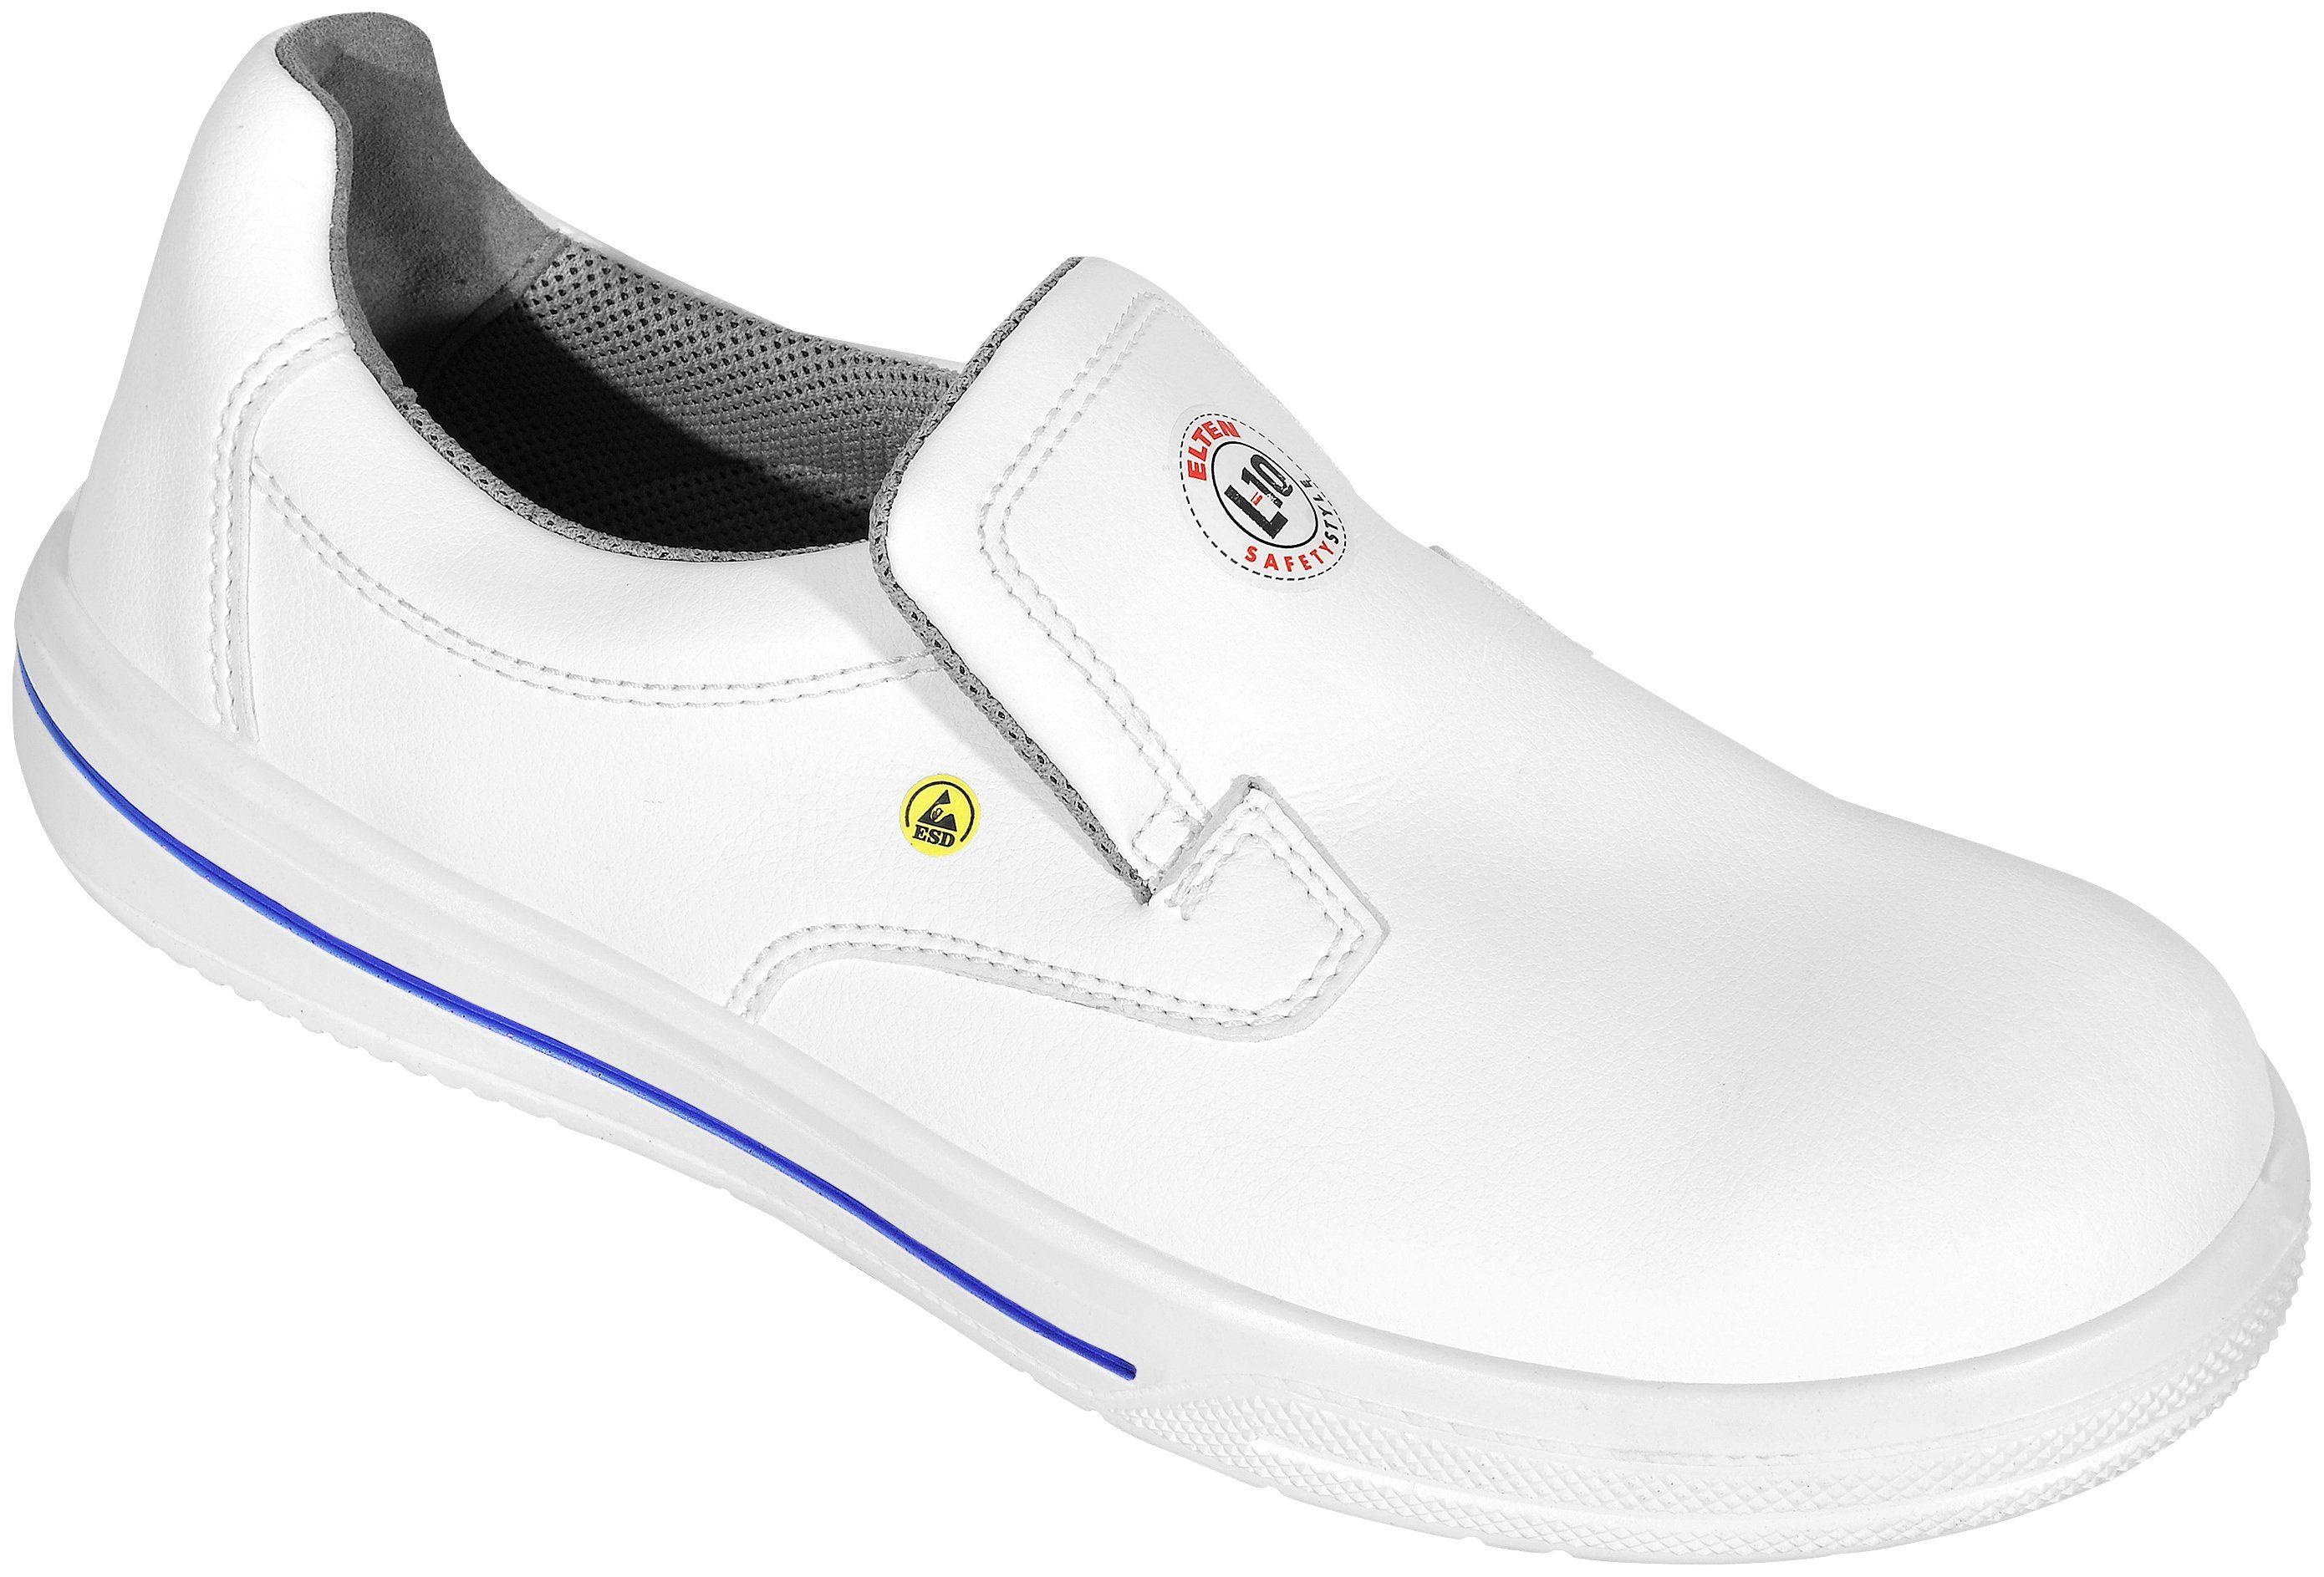 Elten Sicherheitsschuh Pure Slipper kaufen weiß  weiß kaufen cfa924